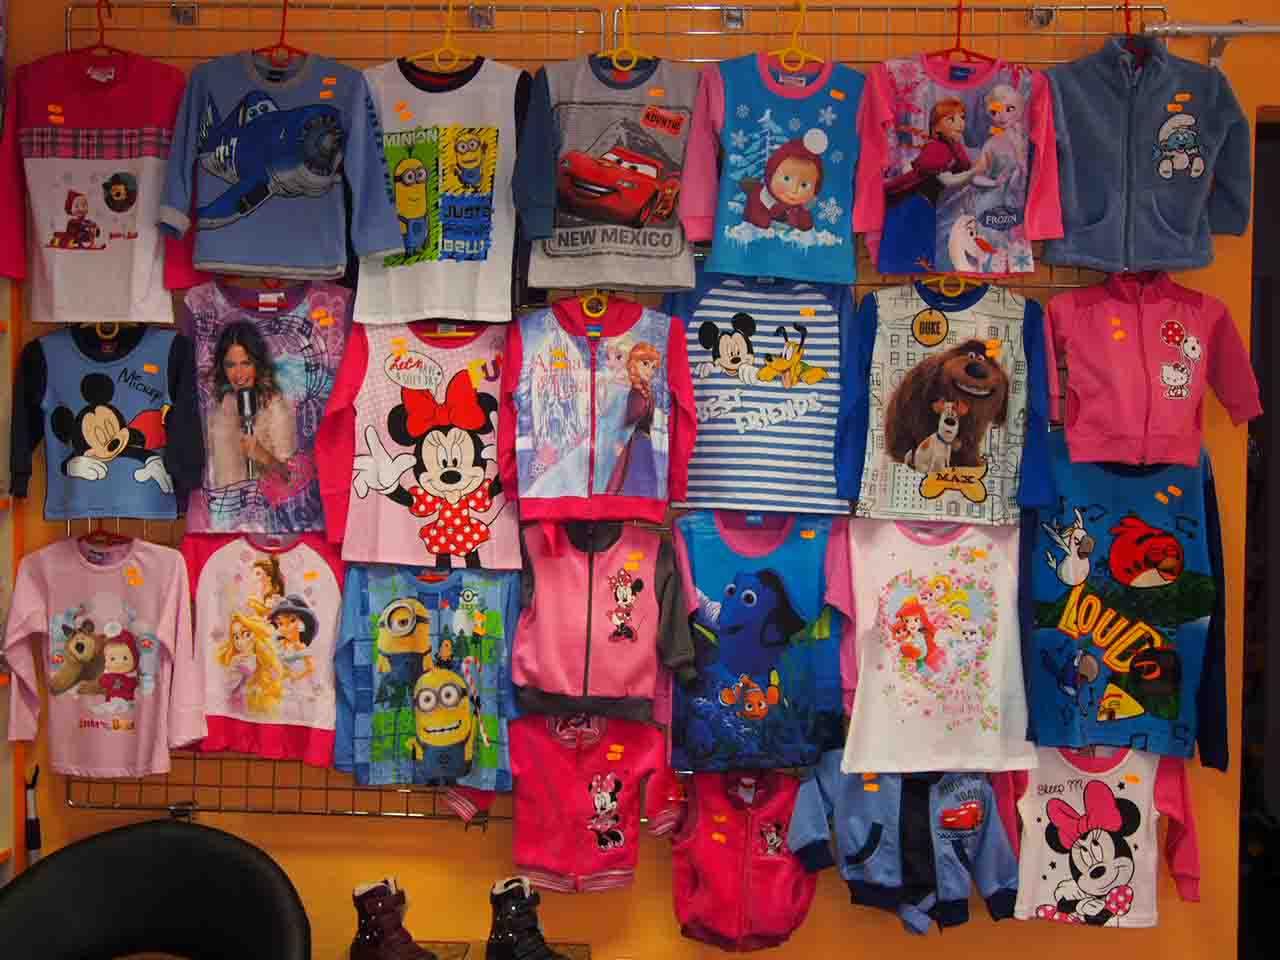 7cbc07ef29396 Navštívte náš obchodík v ktorom nájdete detské teplákové súpravy, pyžamá,  tričká a mnohé iné.